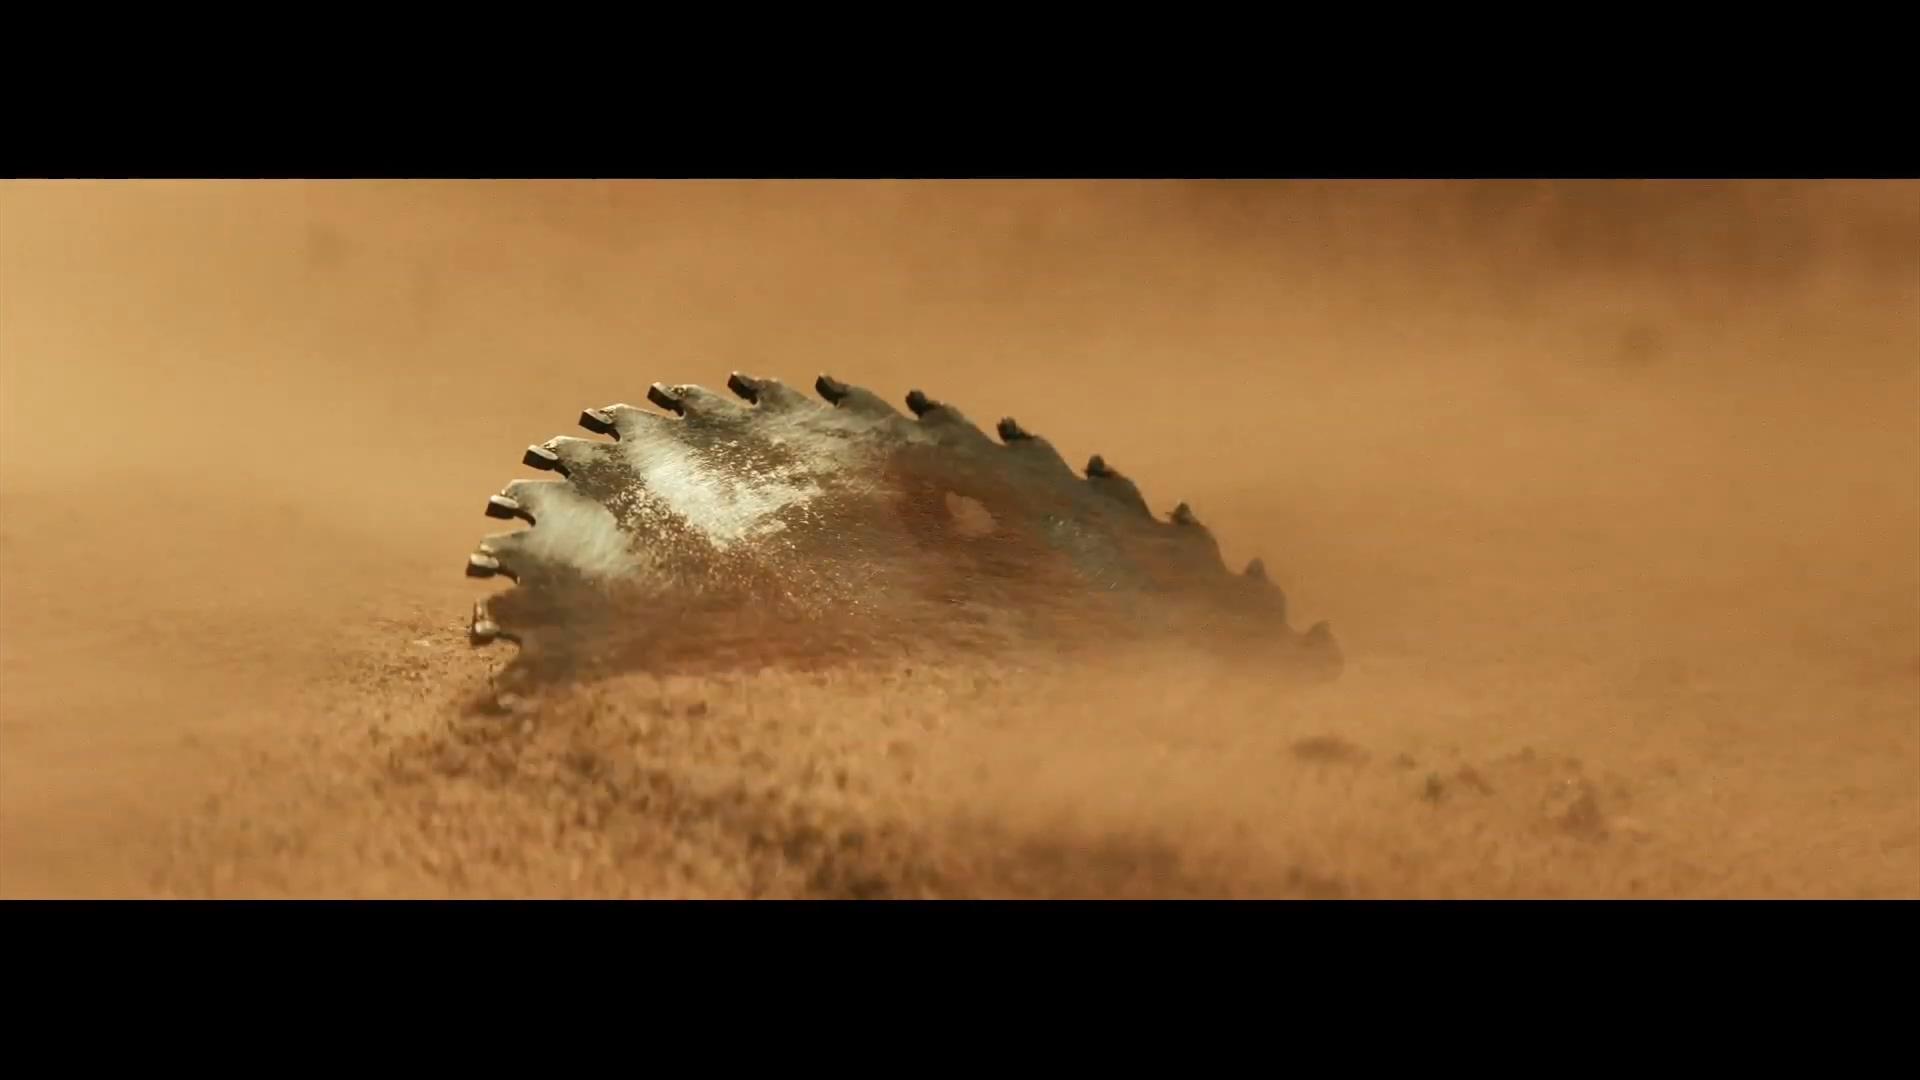 澳门皇冠官网晚报|全球超多路由器被劫持挖矿!孤岛惊魂新作明日或公布